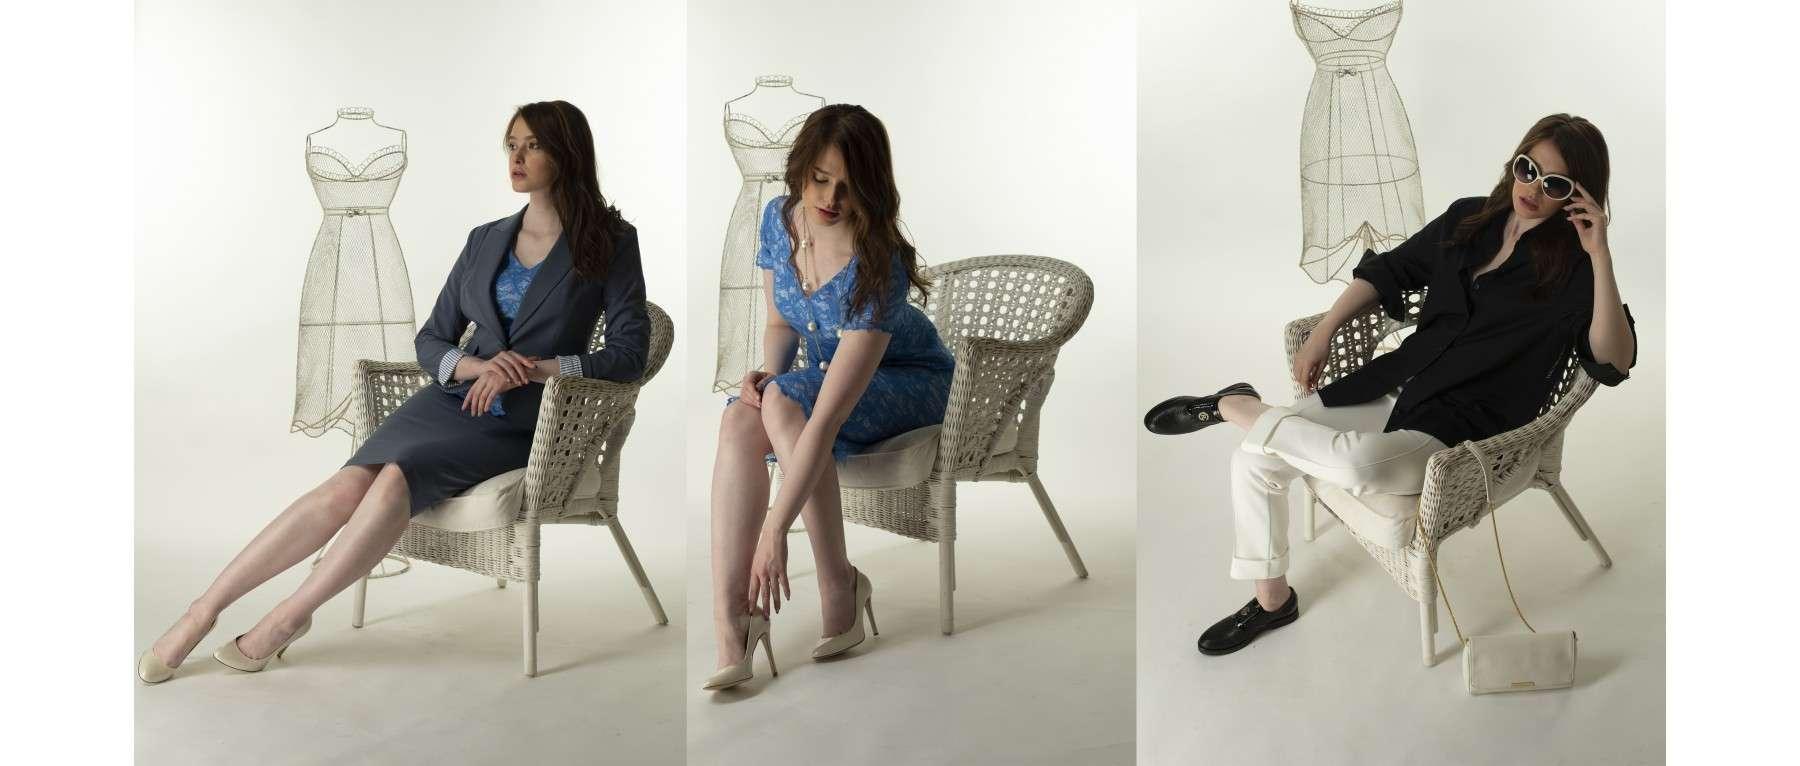 Будь в тренде с Veronika Boss - одежда российского дизайнера